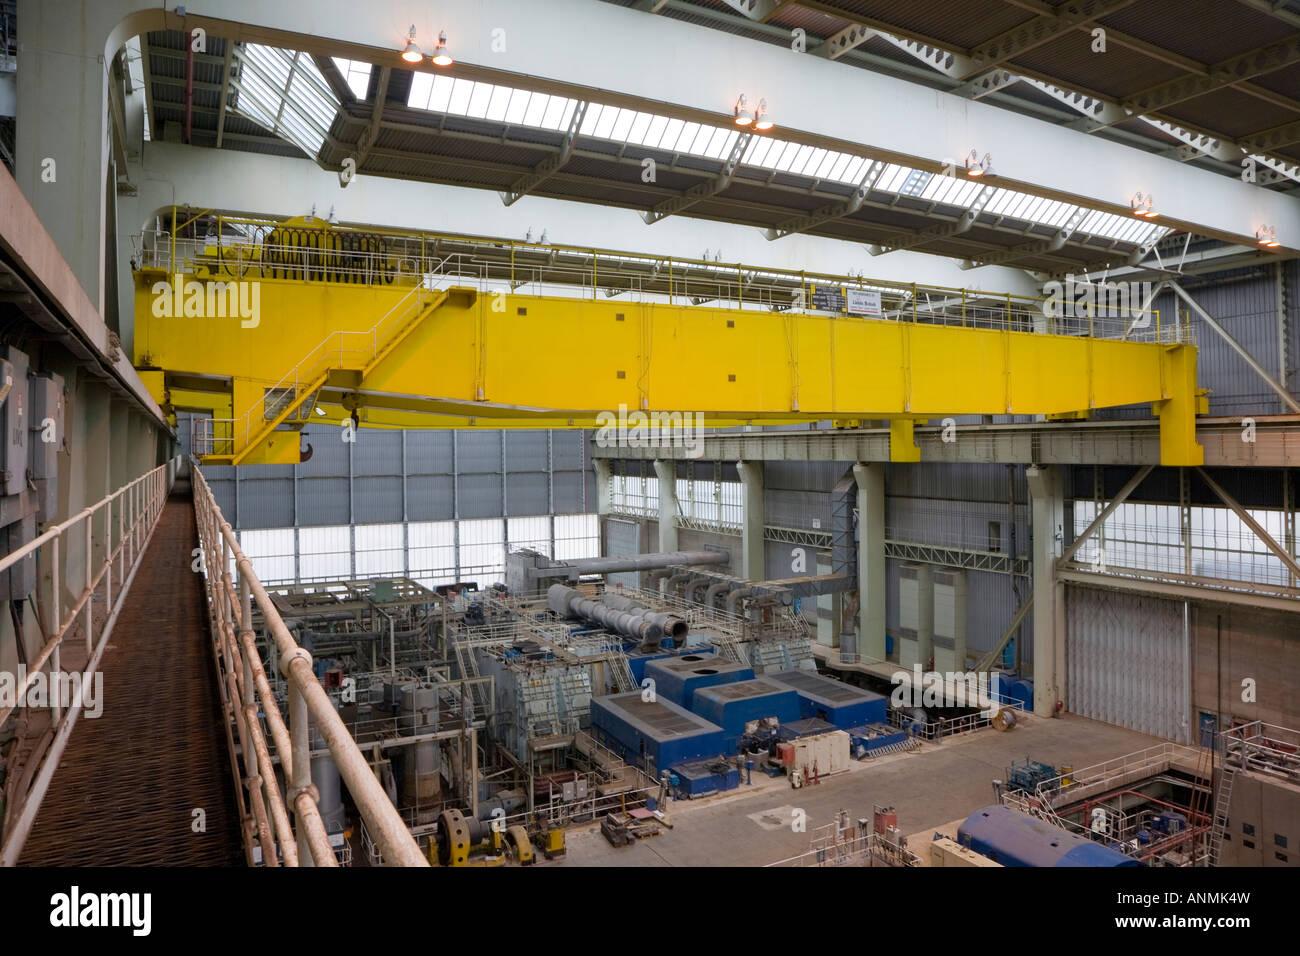 Mobile Gantry Crane Uk : Huge internal yellow gantry crane stock photo royalty